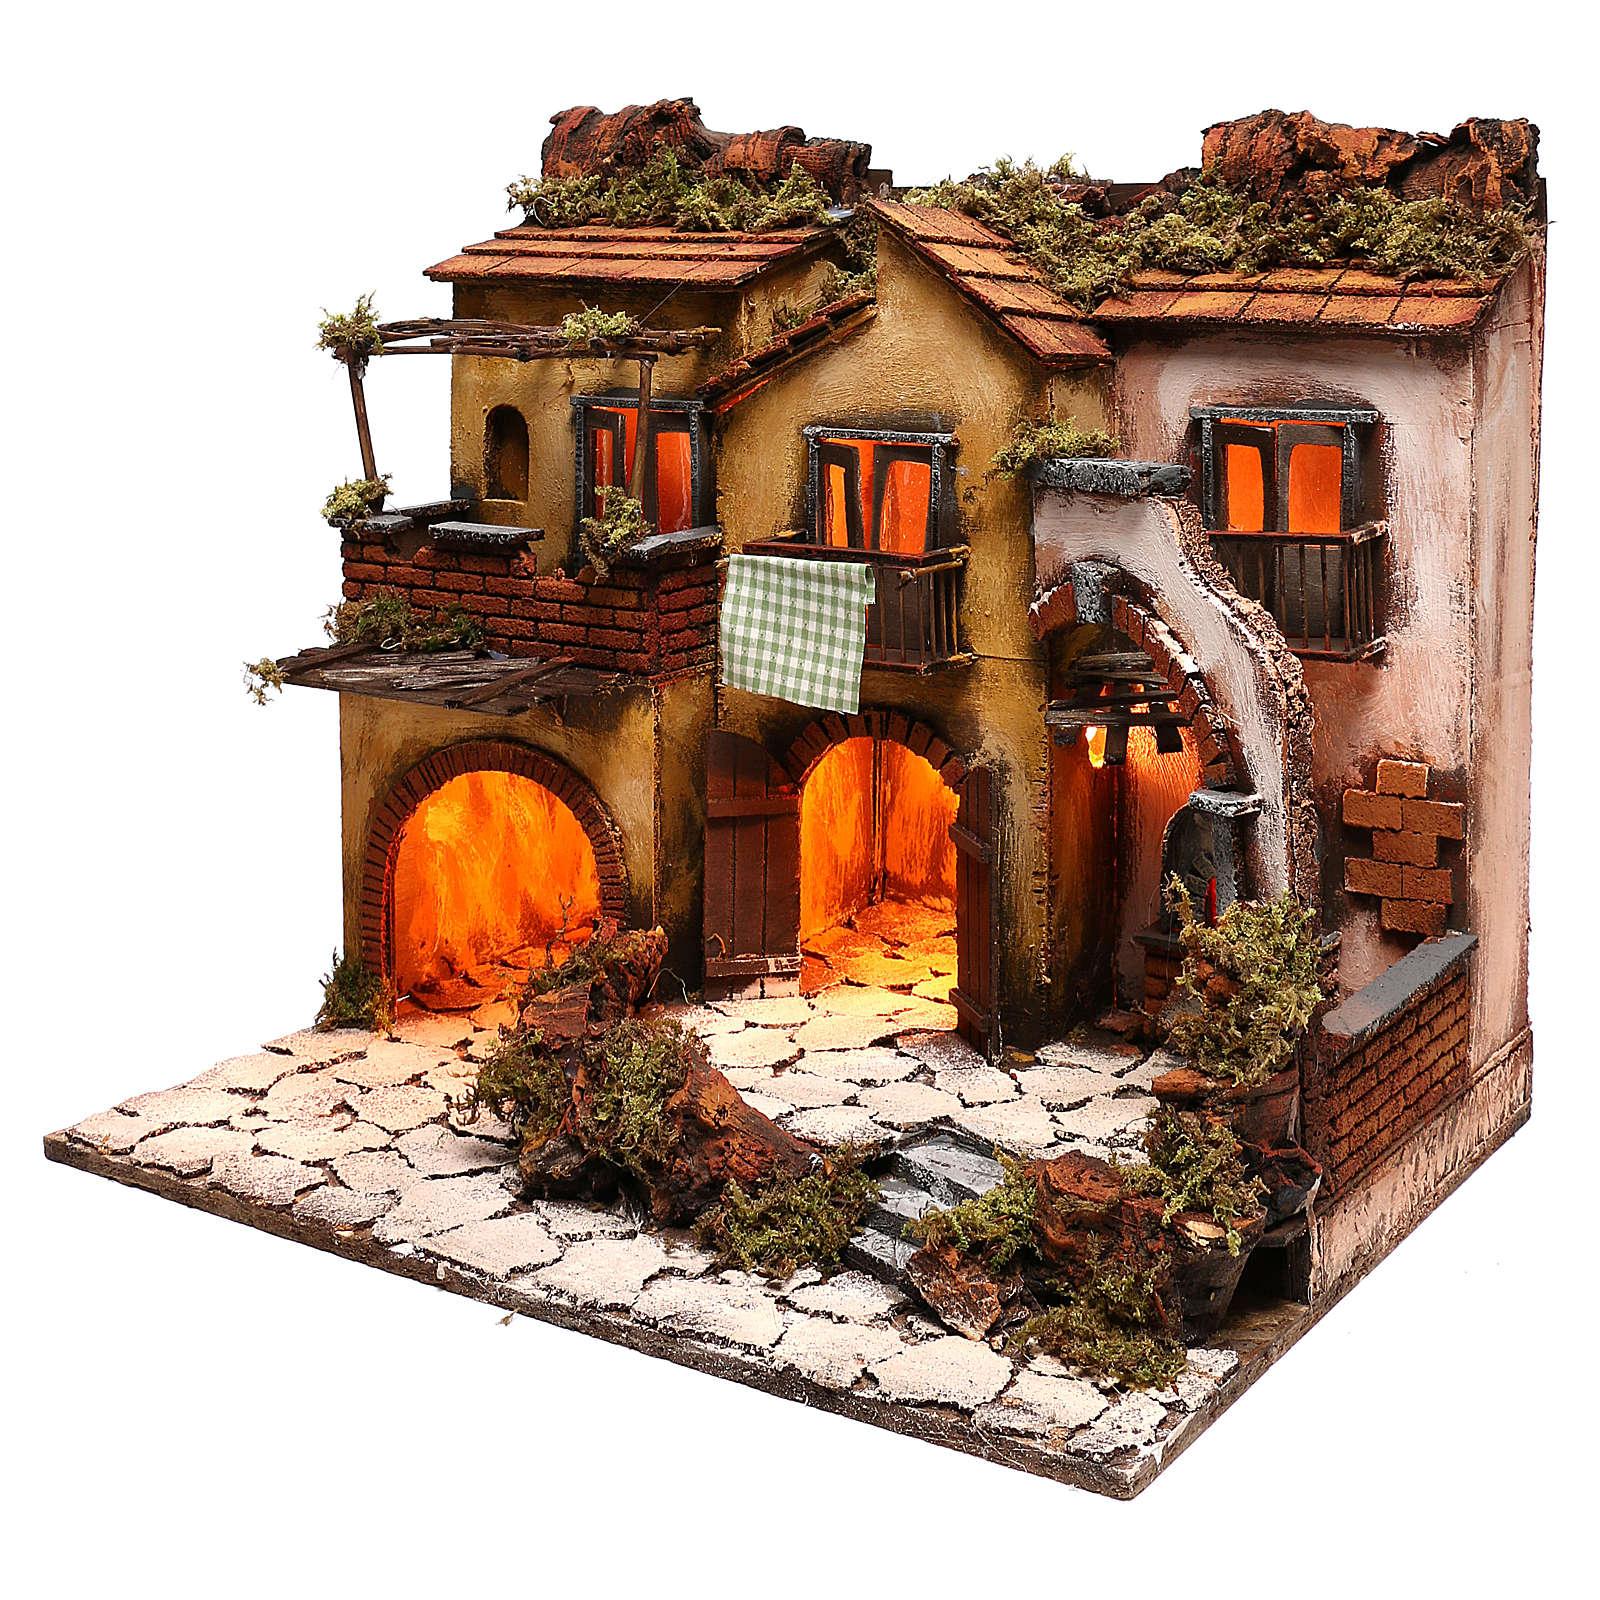 Escenografía belén napolitano estilo 700 con 3 casas y luces 4